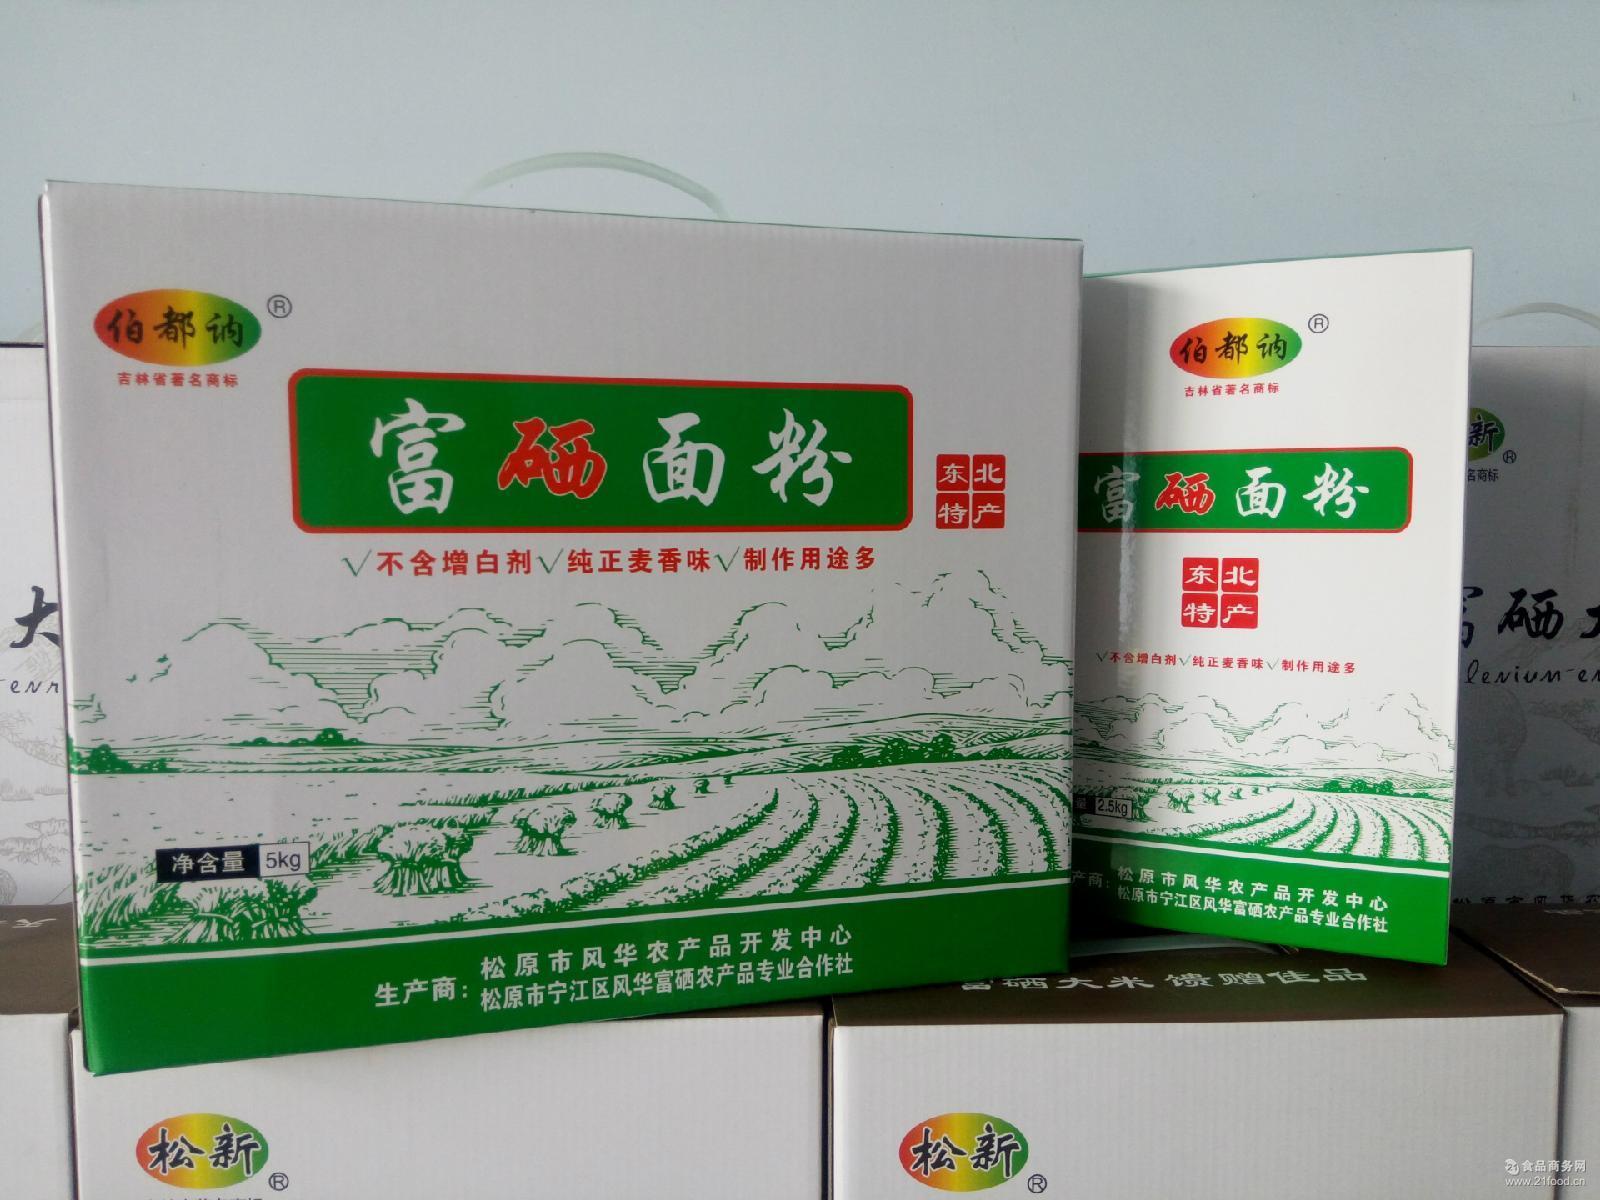 精选石磨工业富硒面 馒头包子通用面粉精美礼盒装的富硒面粉